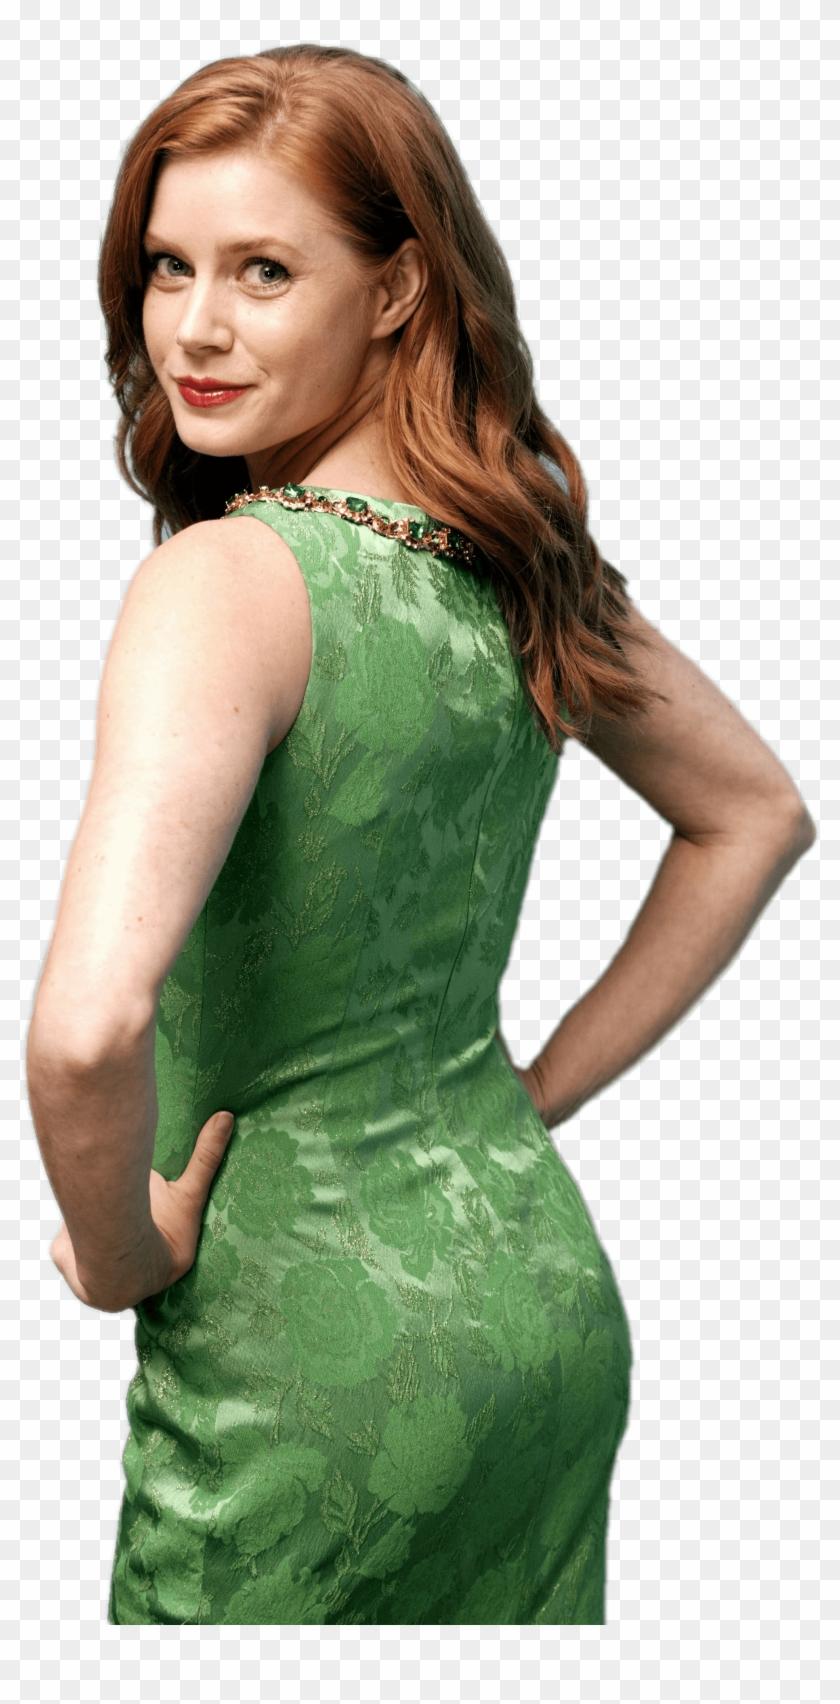 Ass In Dress amy adams green dress - amy adams ass butt, hd png download